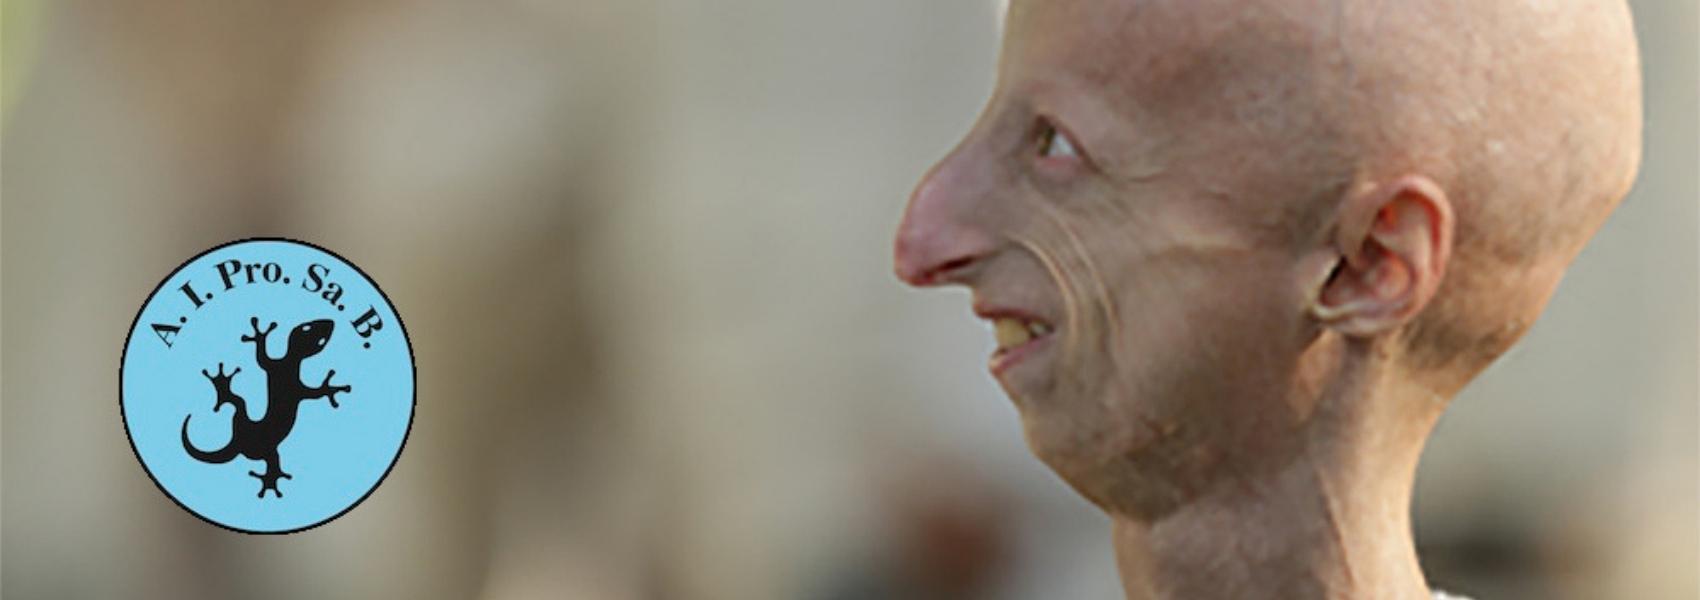 progeria, envelhecimento precoce